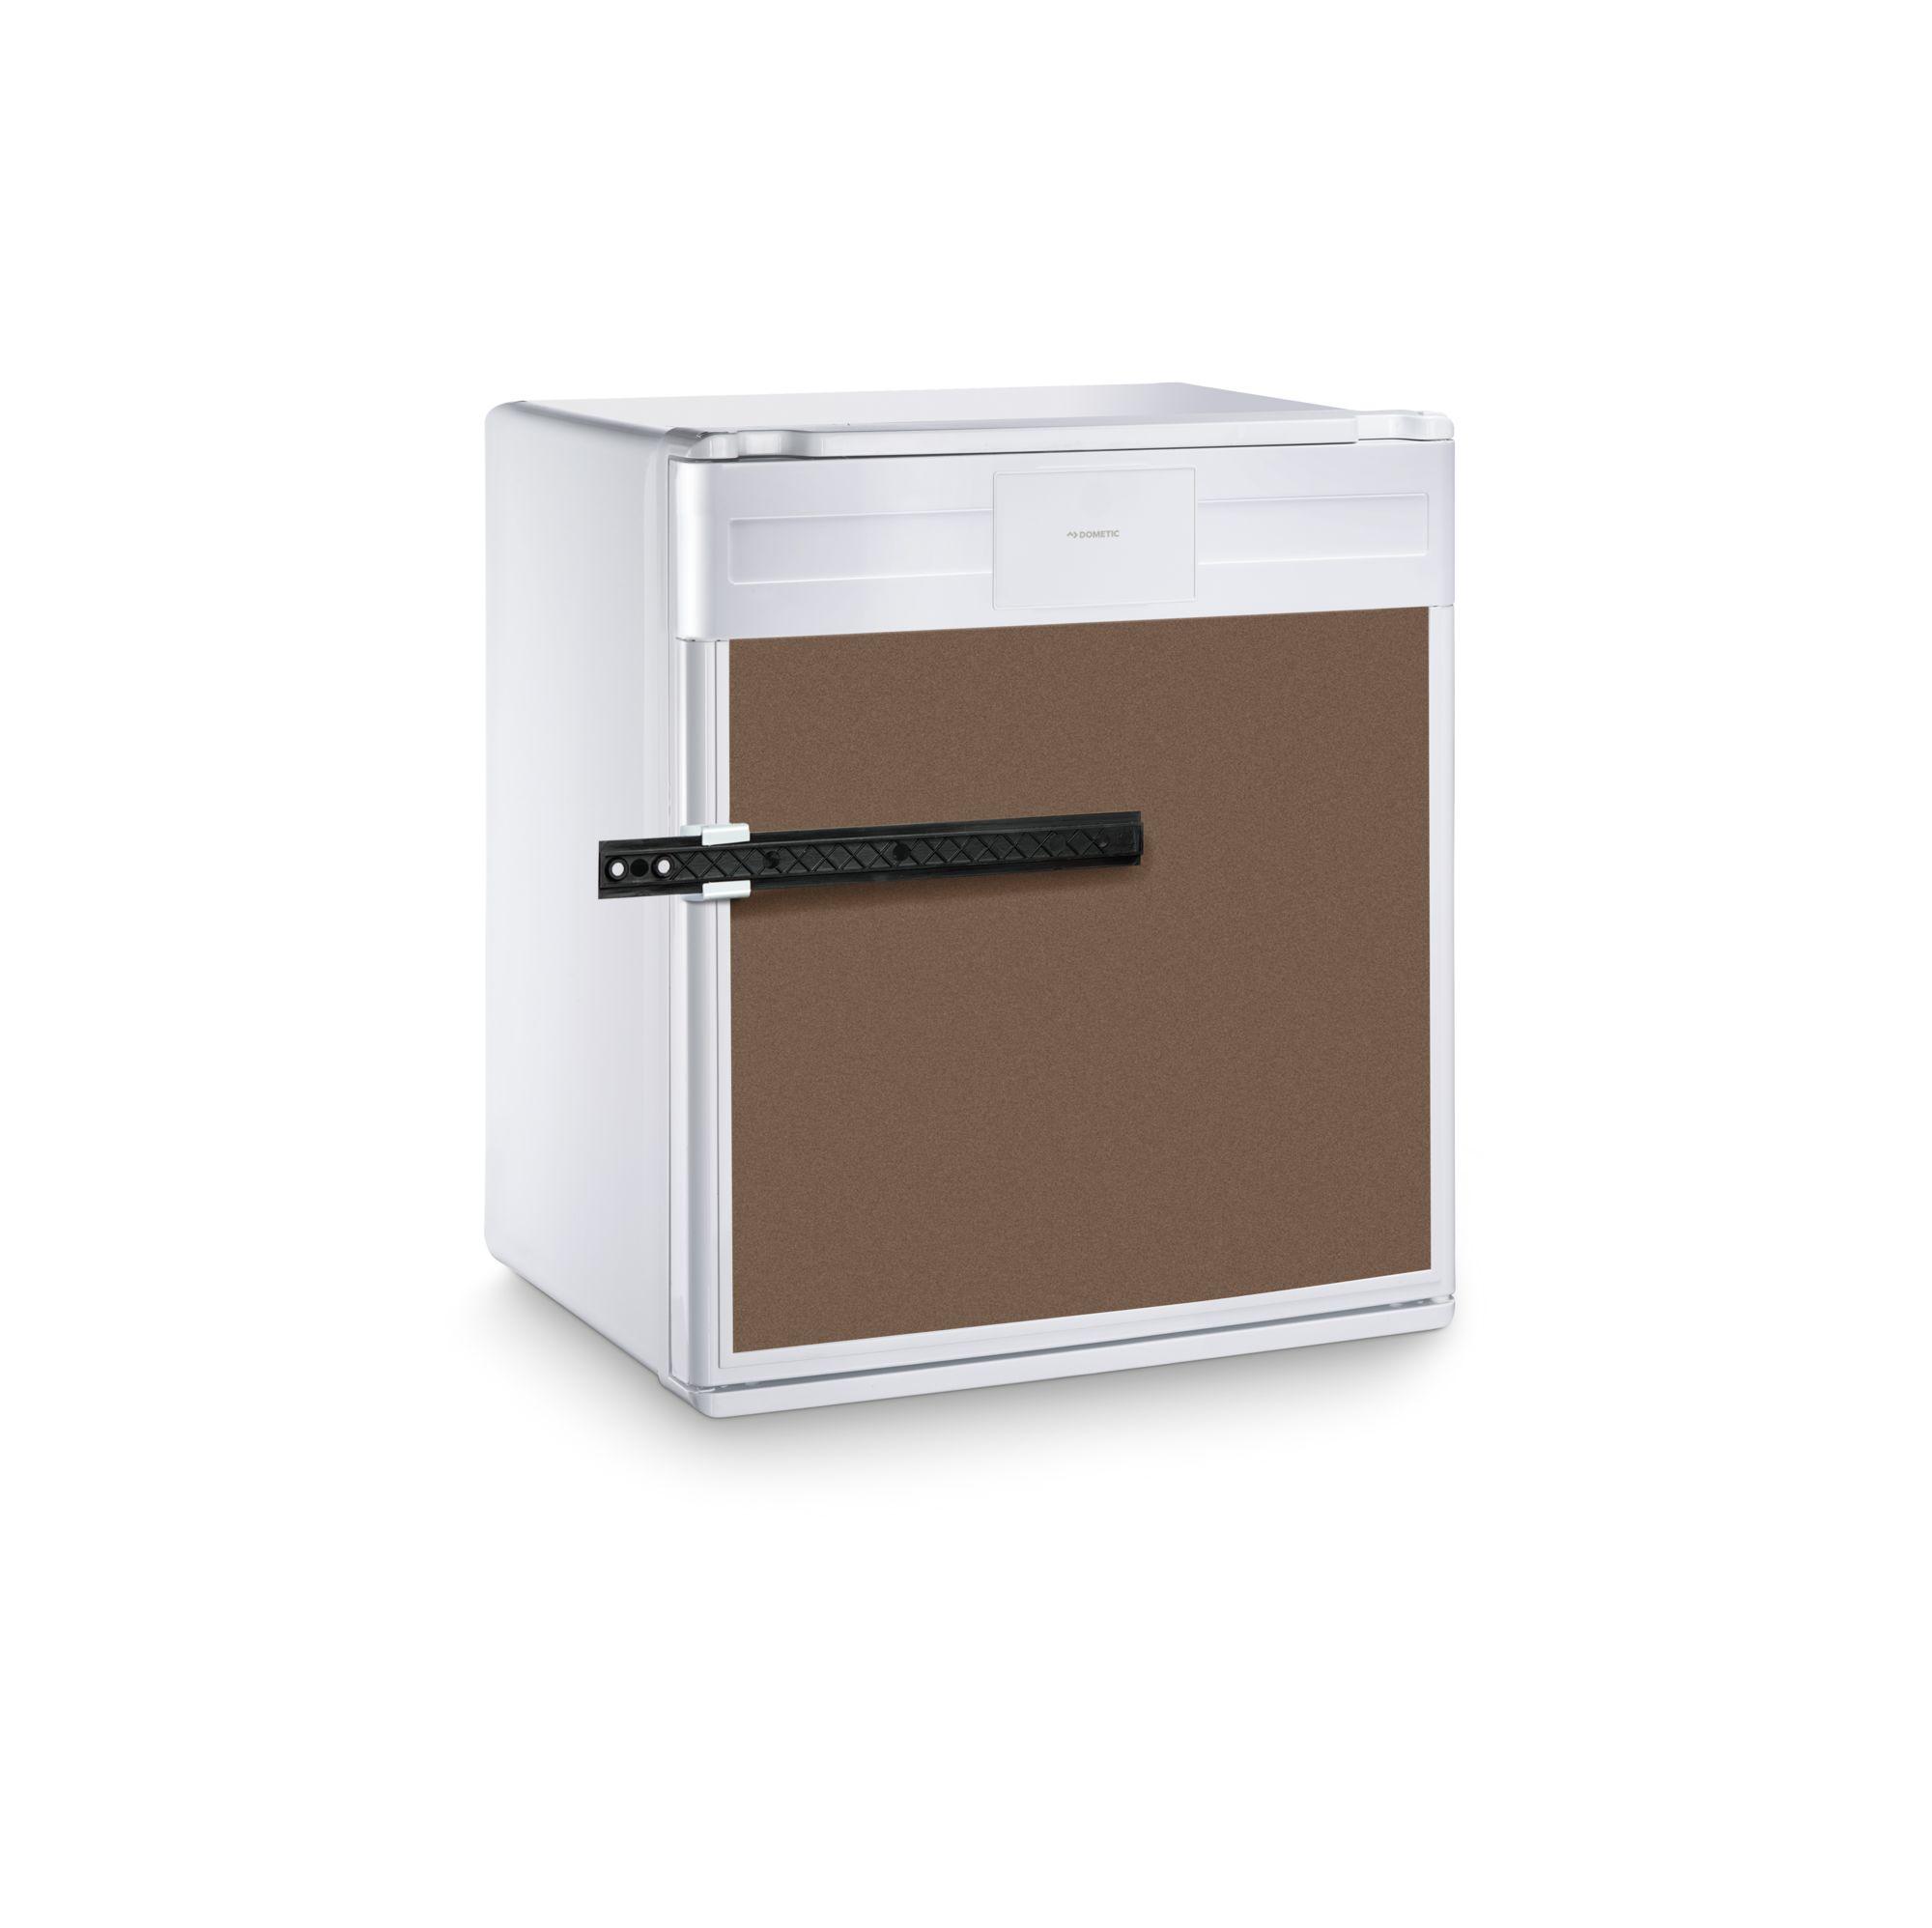 Dometic DS 600 BI Minikühlschrank weiß .. - Dometic Werksverkauf